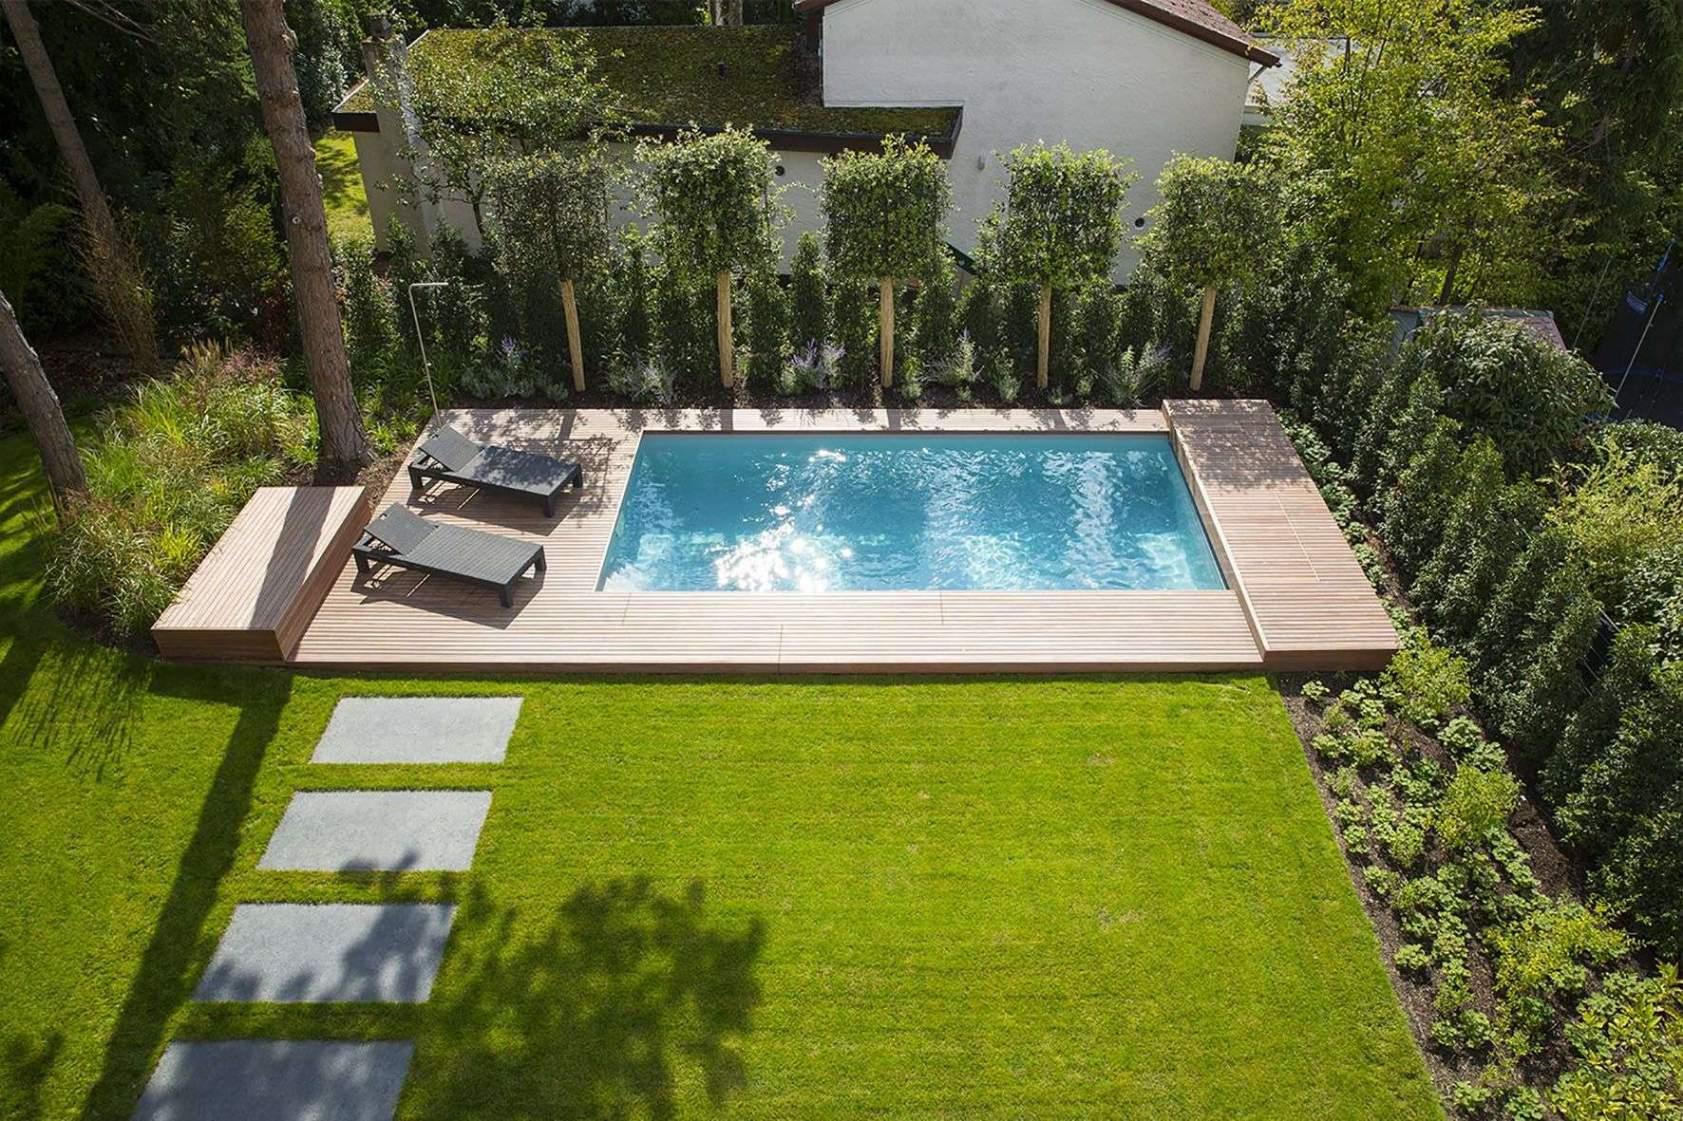 pool fur kleinen garten elegant kleine pools fur kleine garten temobardz home blog of pool fur kleinen garten